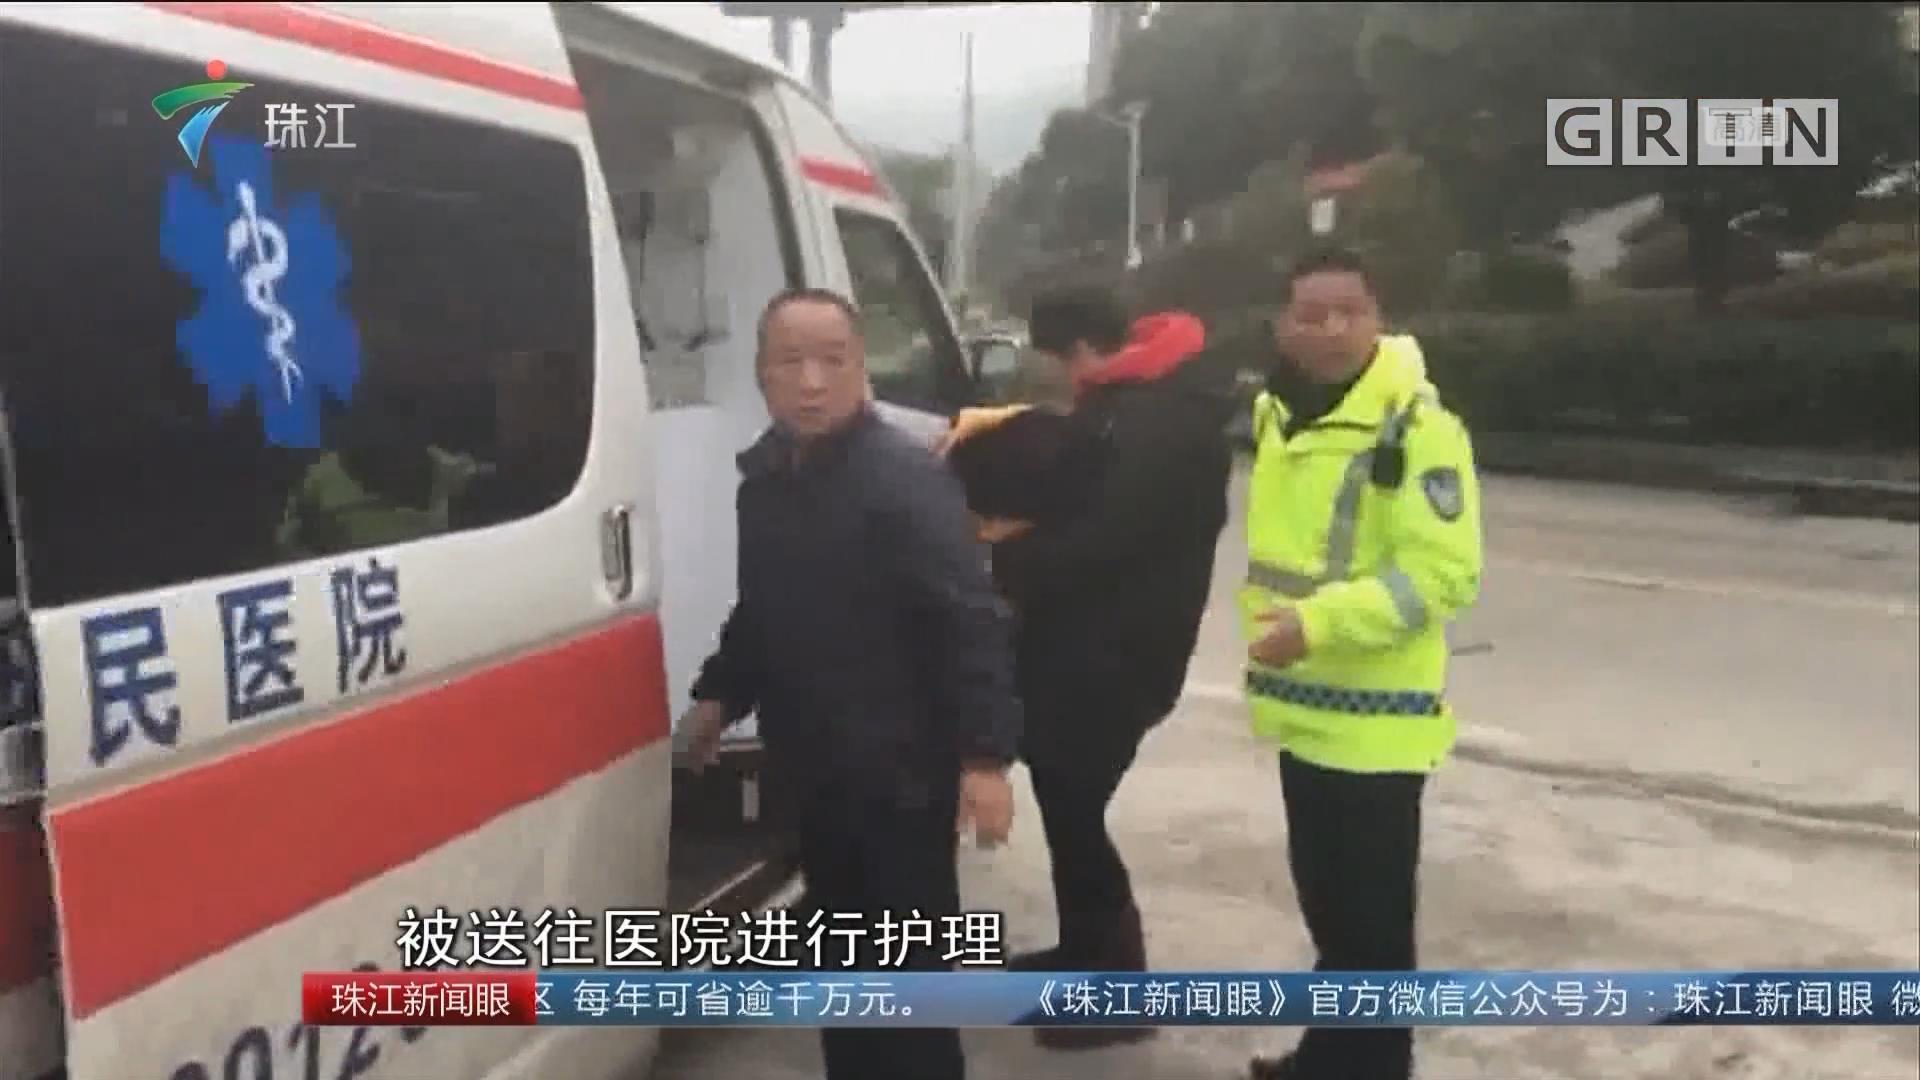 韶关:寒冷天产妇临产 医生交警接力救助